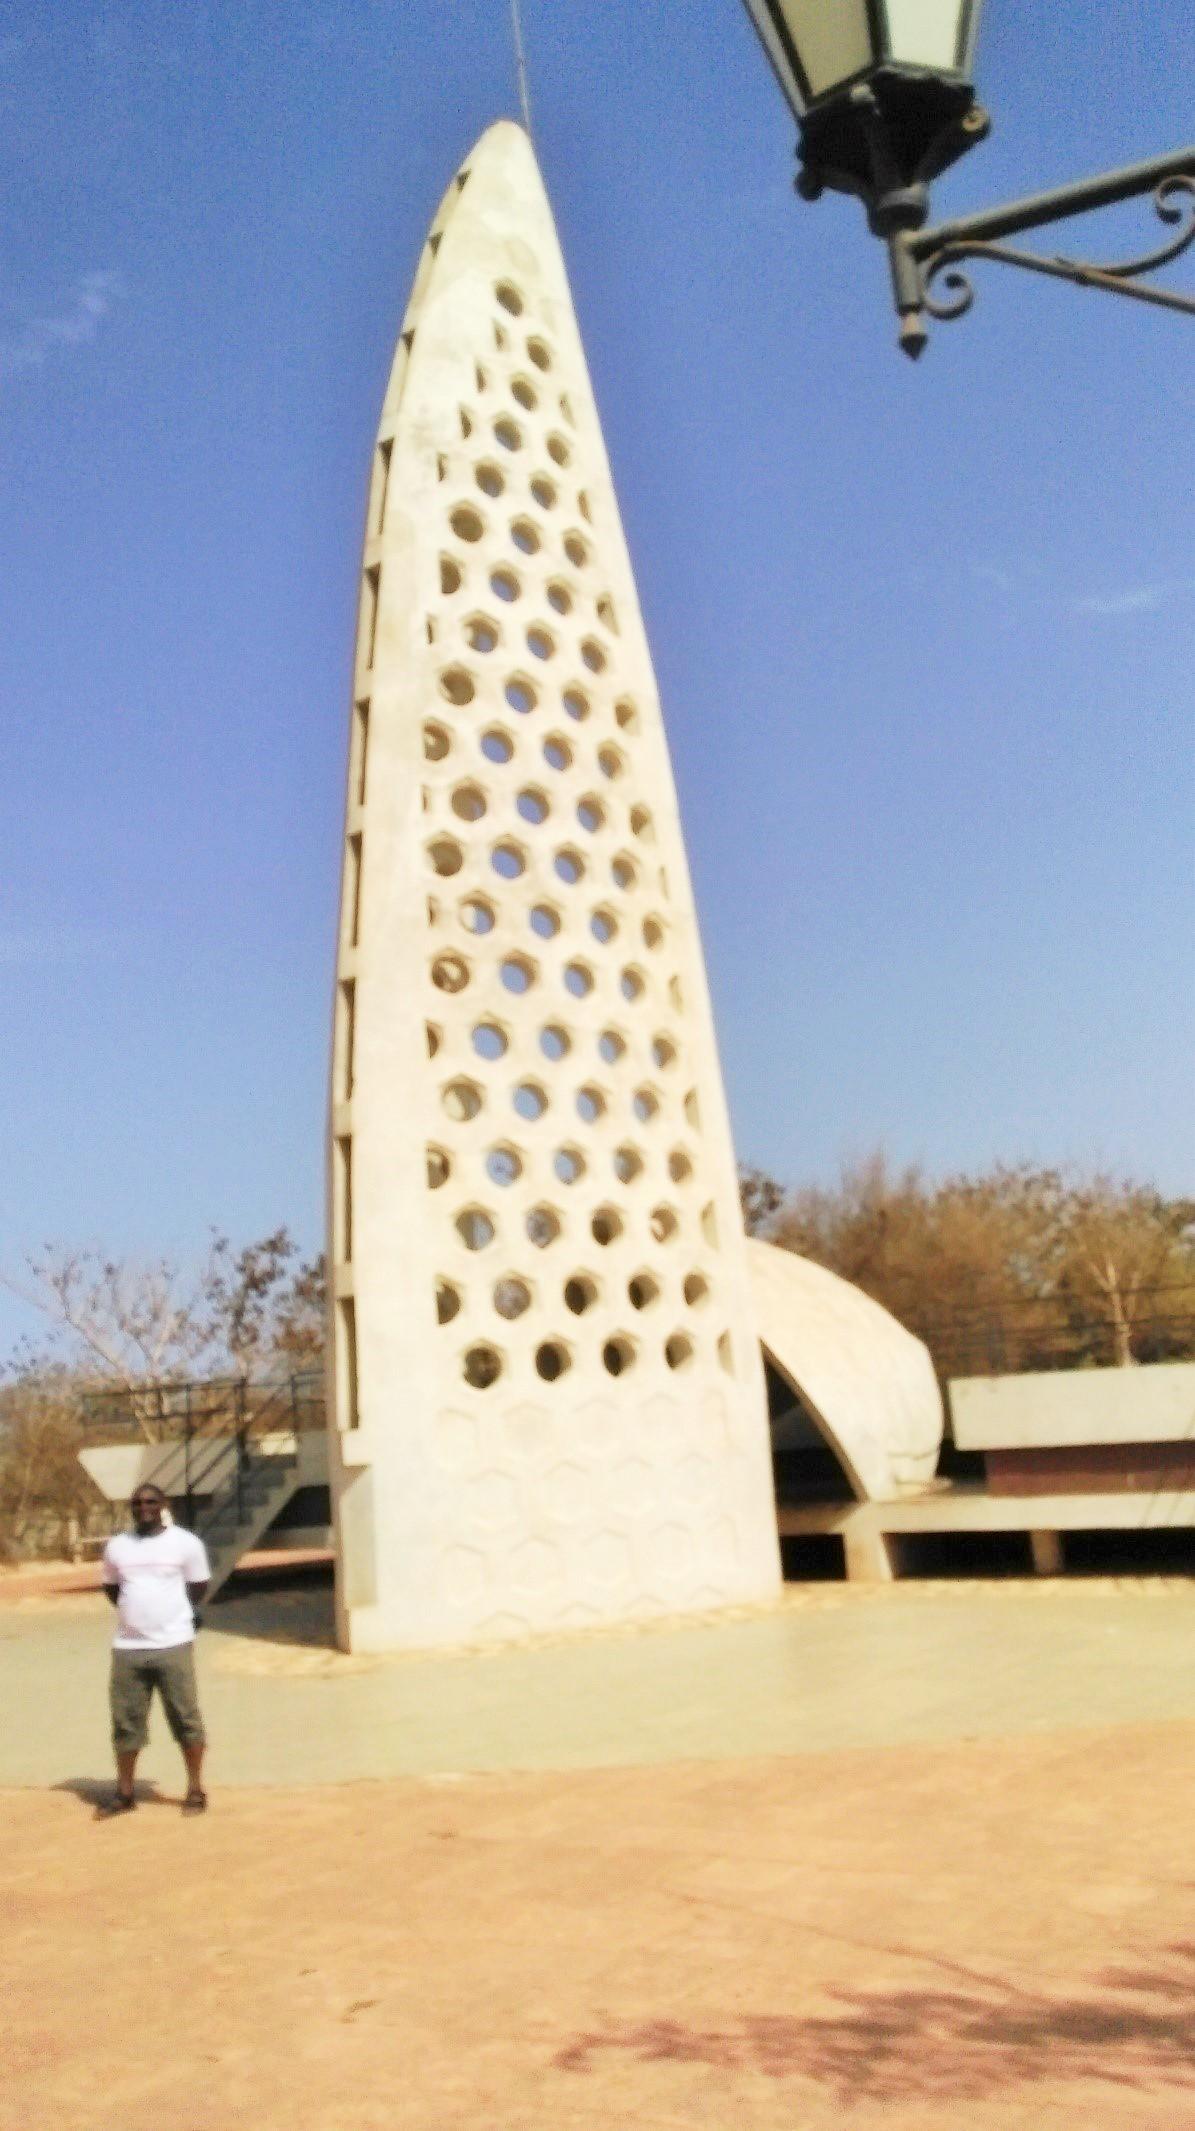 Slavery monument at Goree Island, Île de Gorée